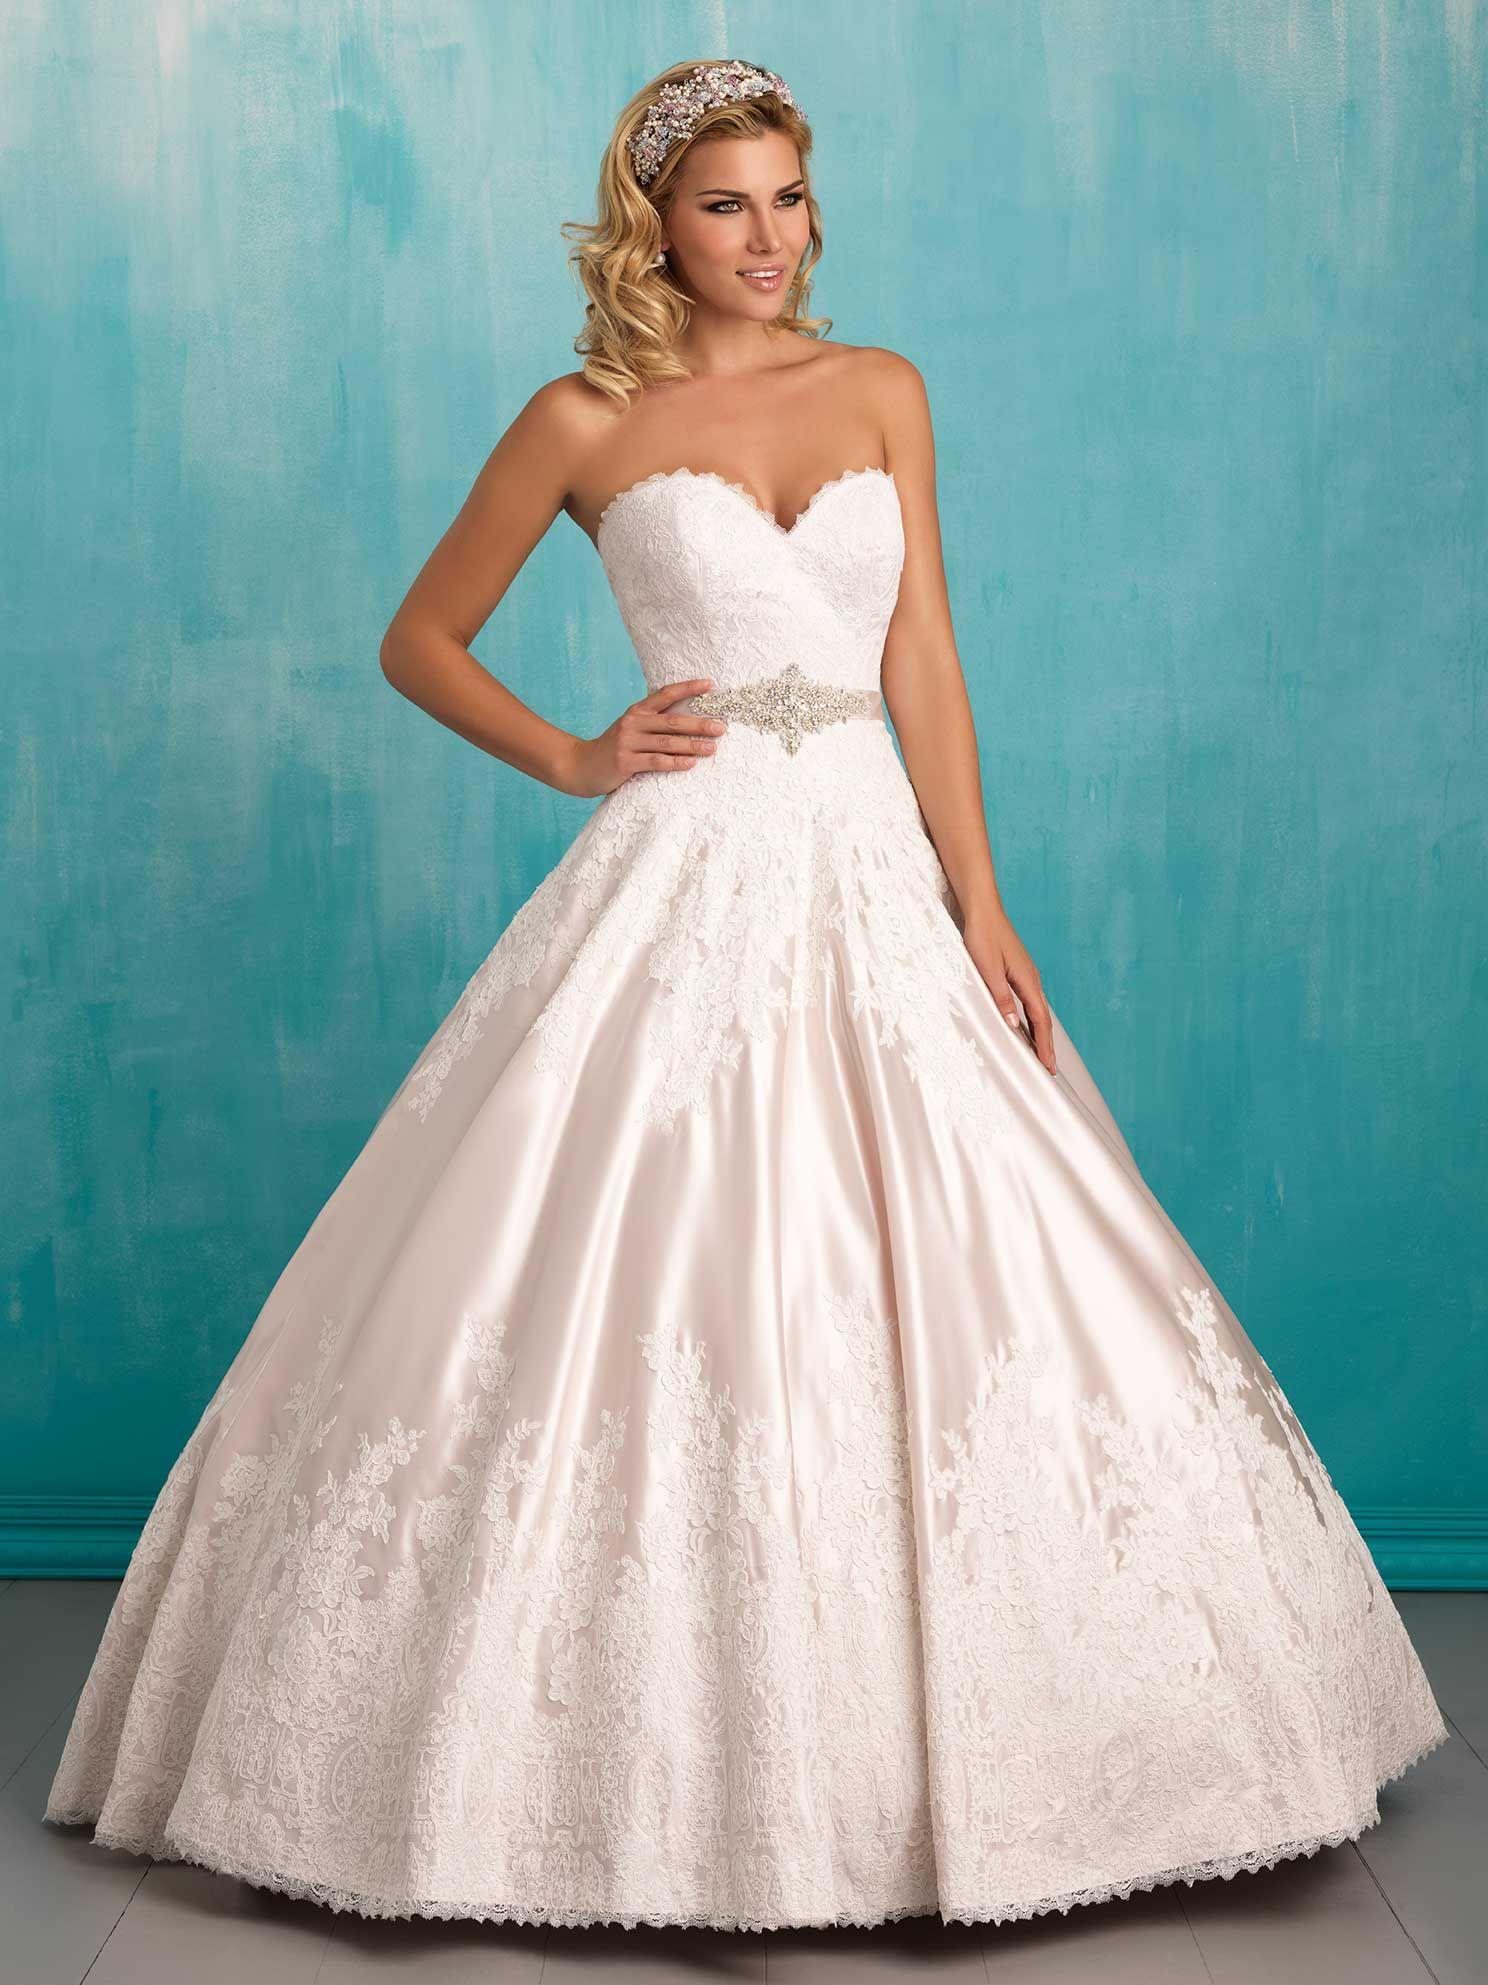 Vestidos para novia - La mejor selección en color